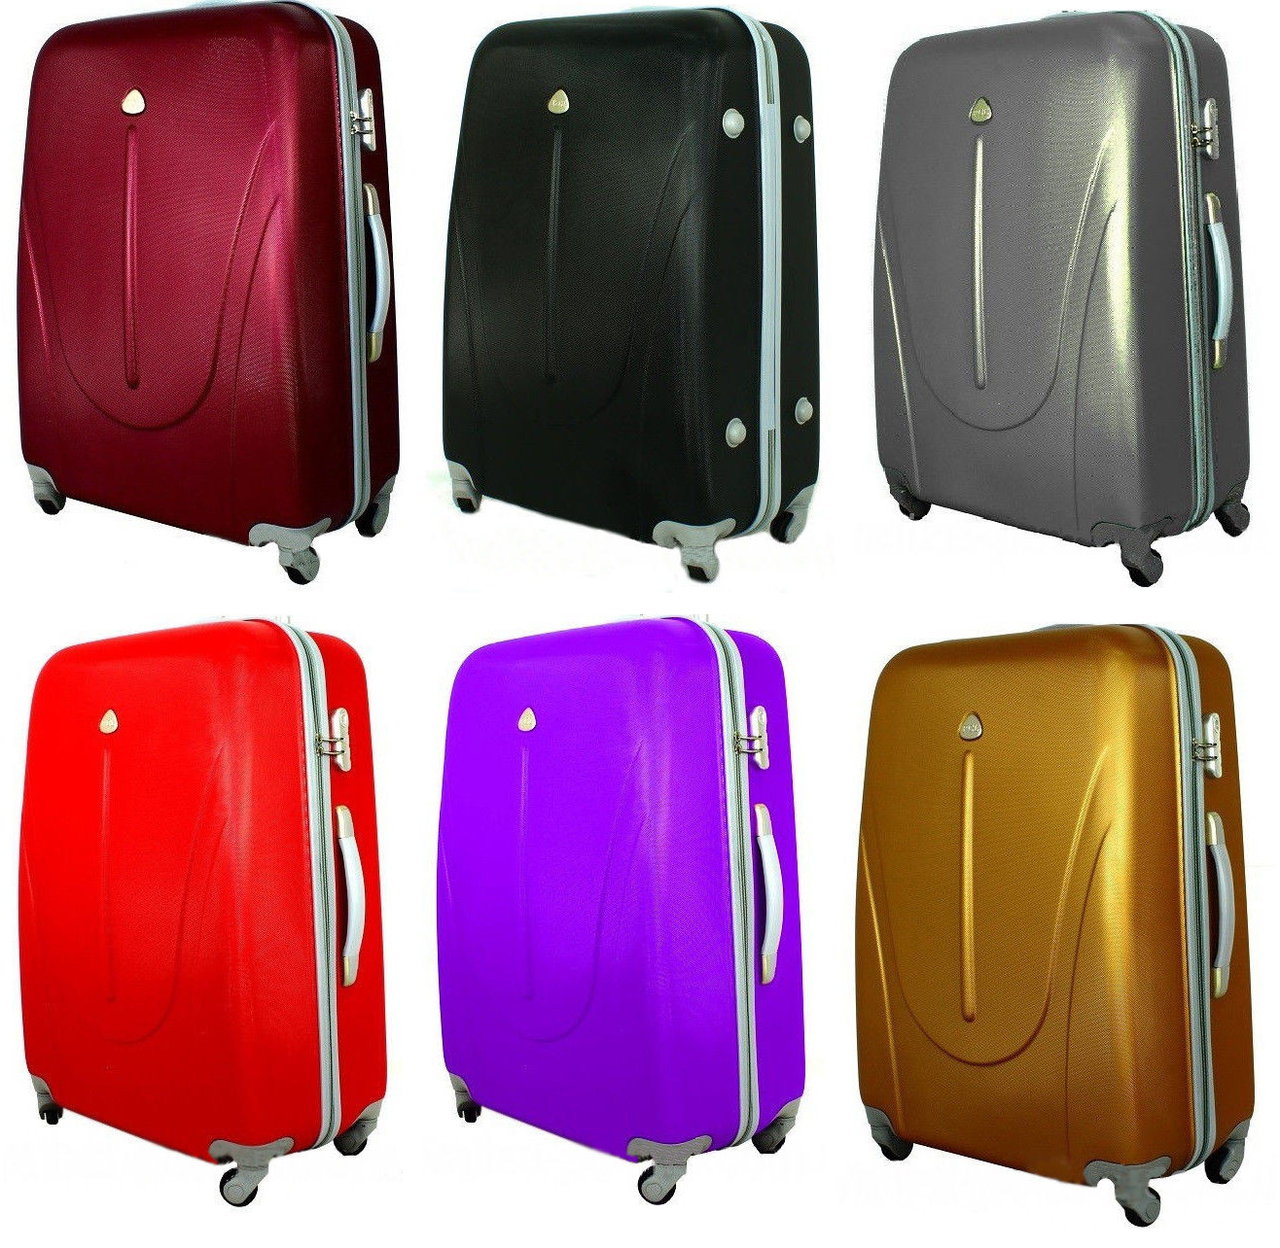 Набор дорожных чемоданов 3в1 из поликарбоната (Карбон)  продажа ... 5b4adba58d1